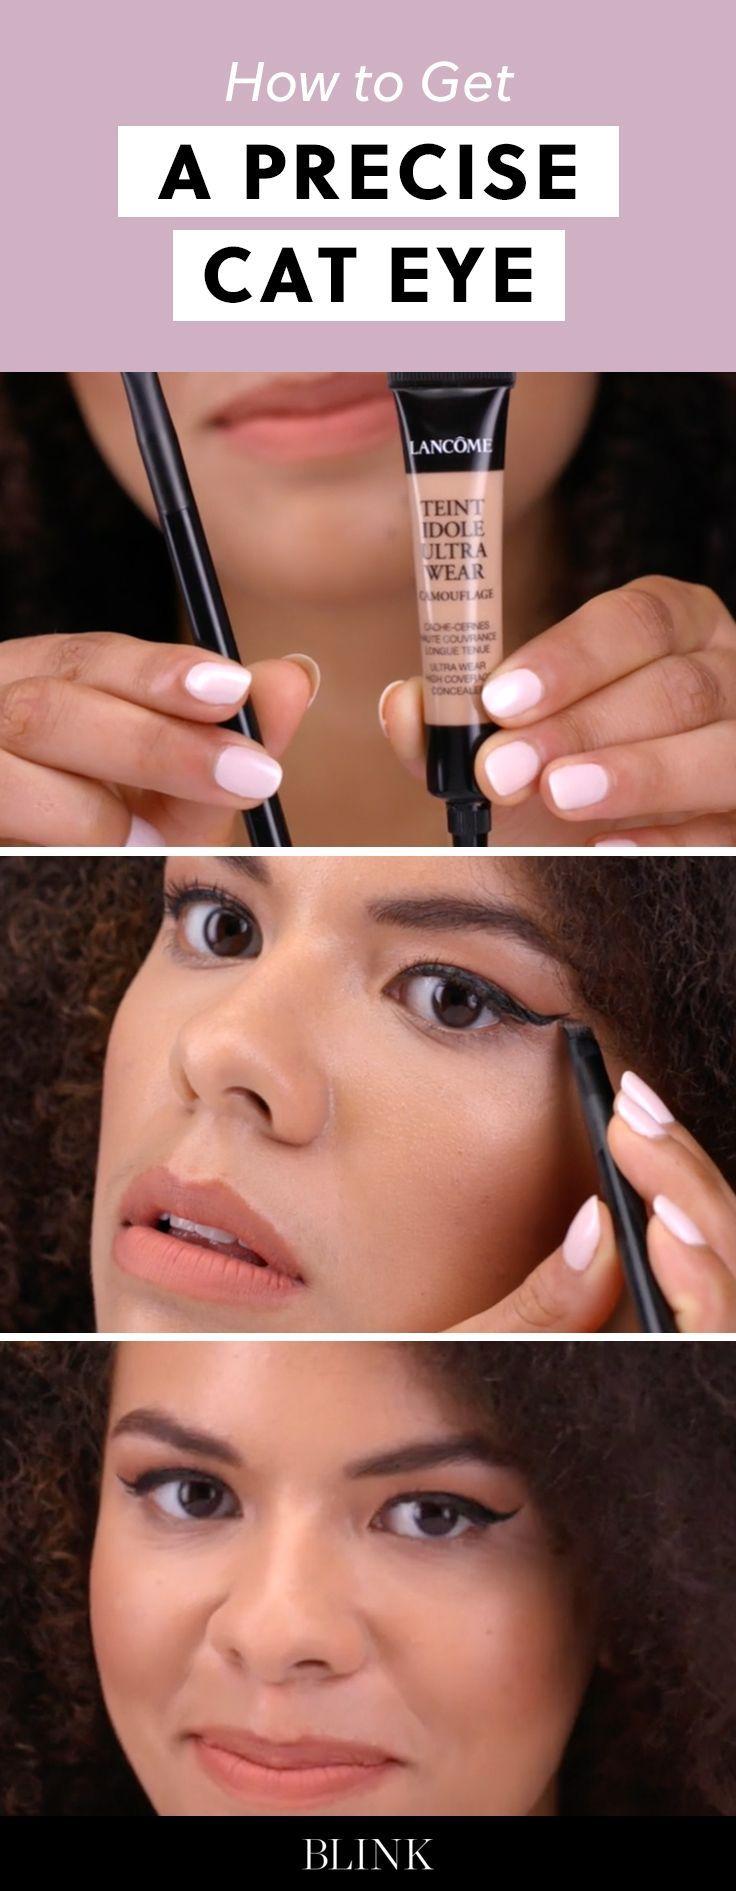 How to Get a Precise Cat Eye. #blinkbeauty #cateye #makeuptutorial #beautytutori...